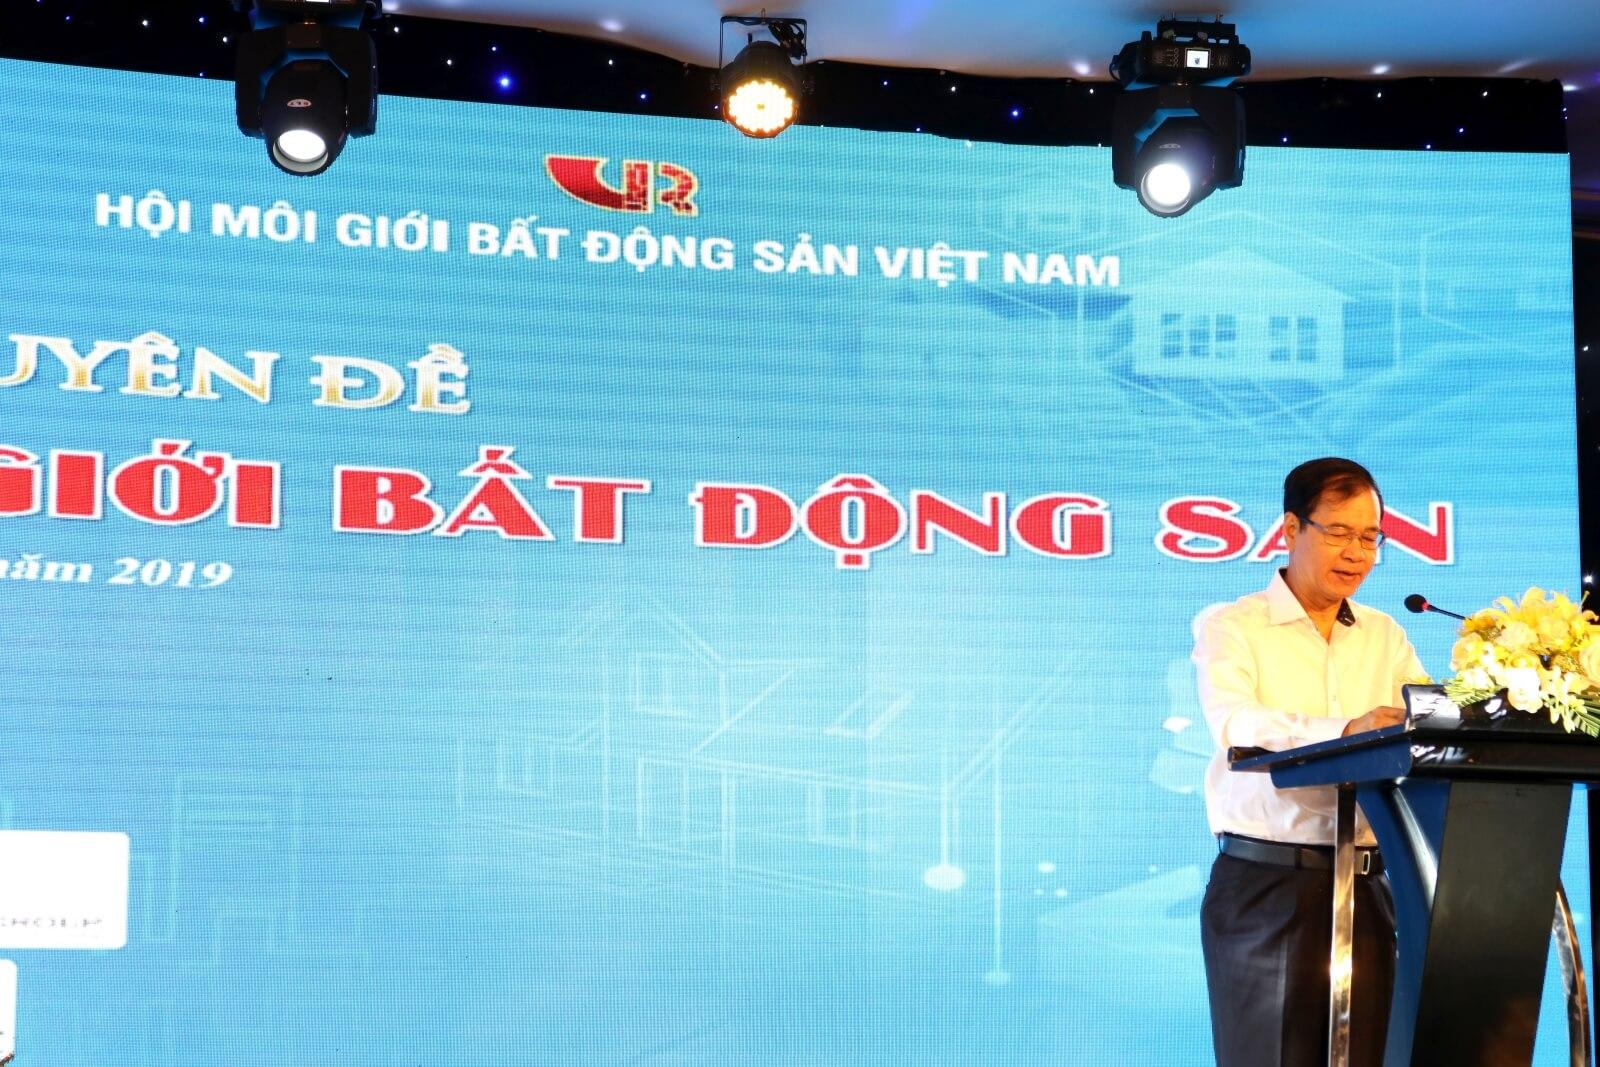 Ông Nguyễn Mạnh Hà - Chủ tịch Hội Môi giới Bất động sản Việt Nam phát biểu